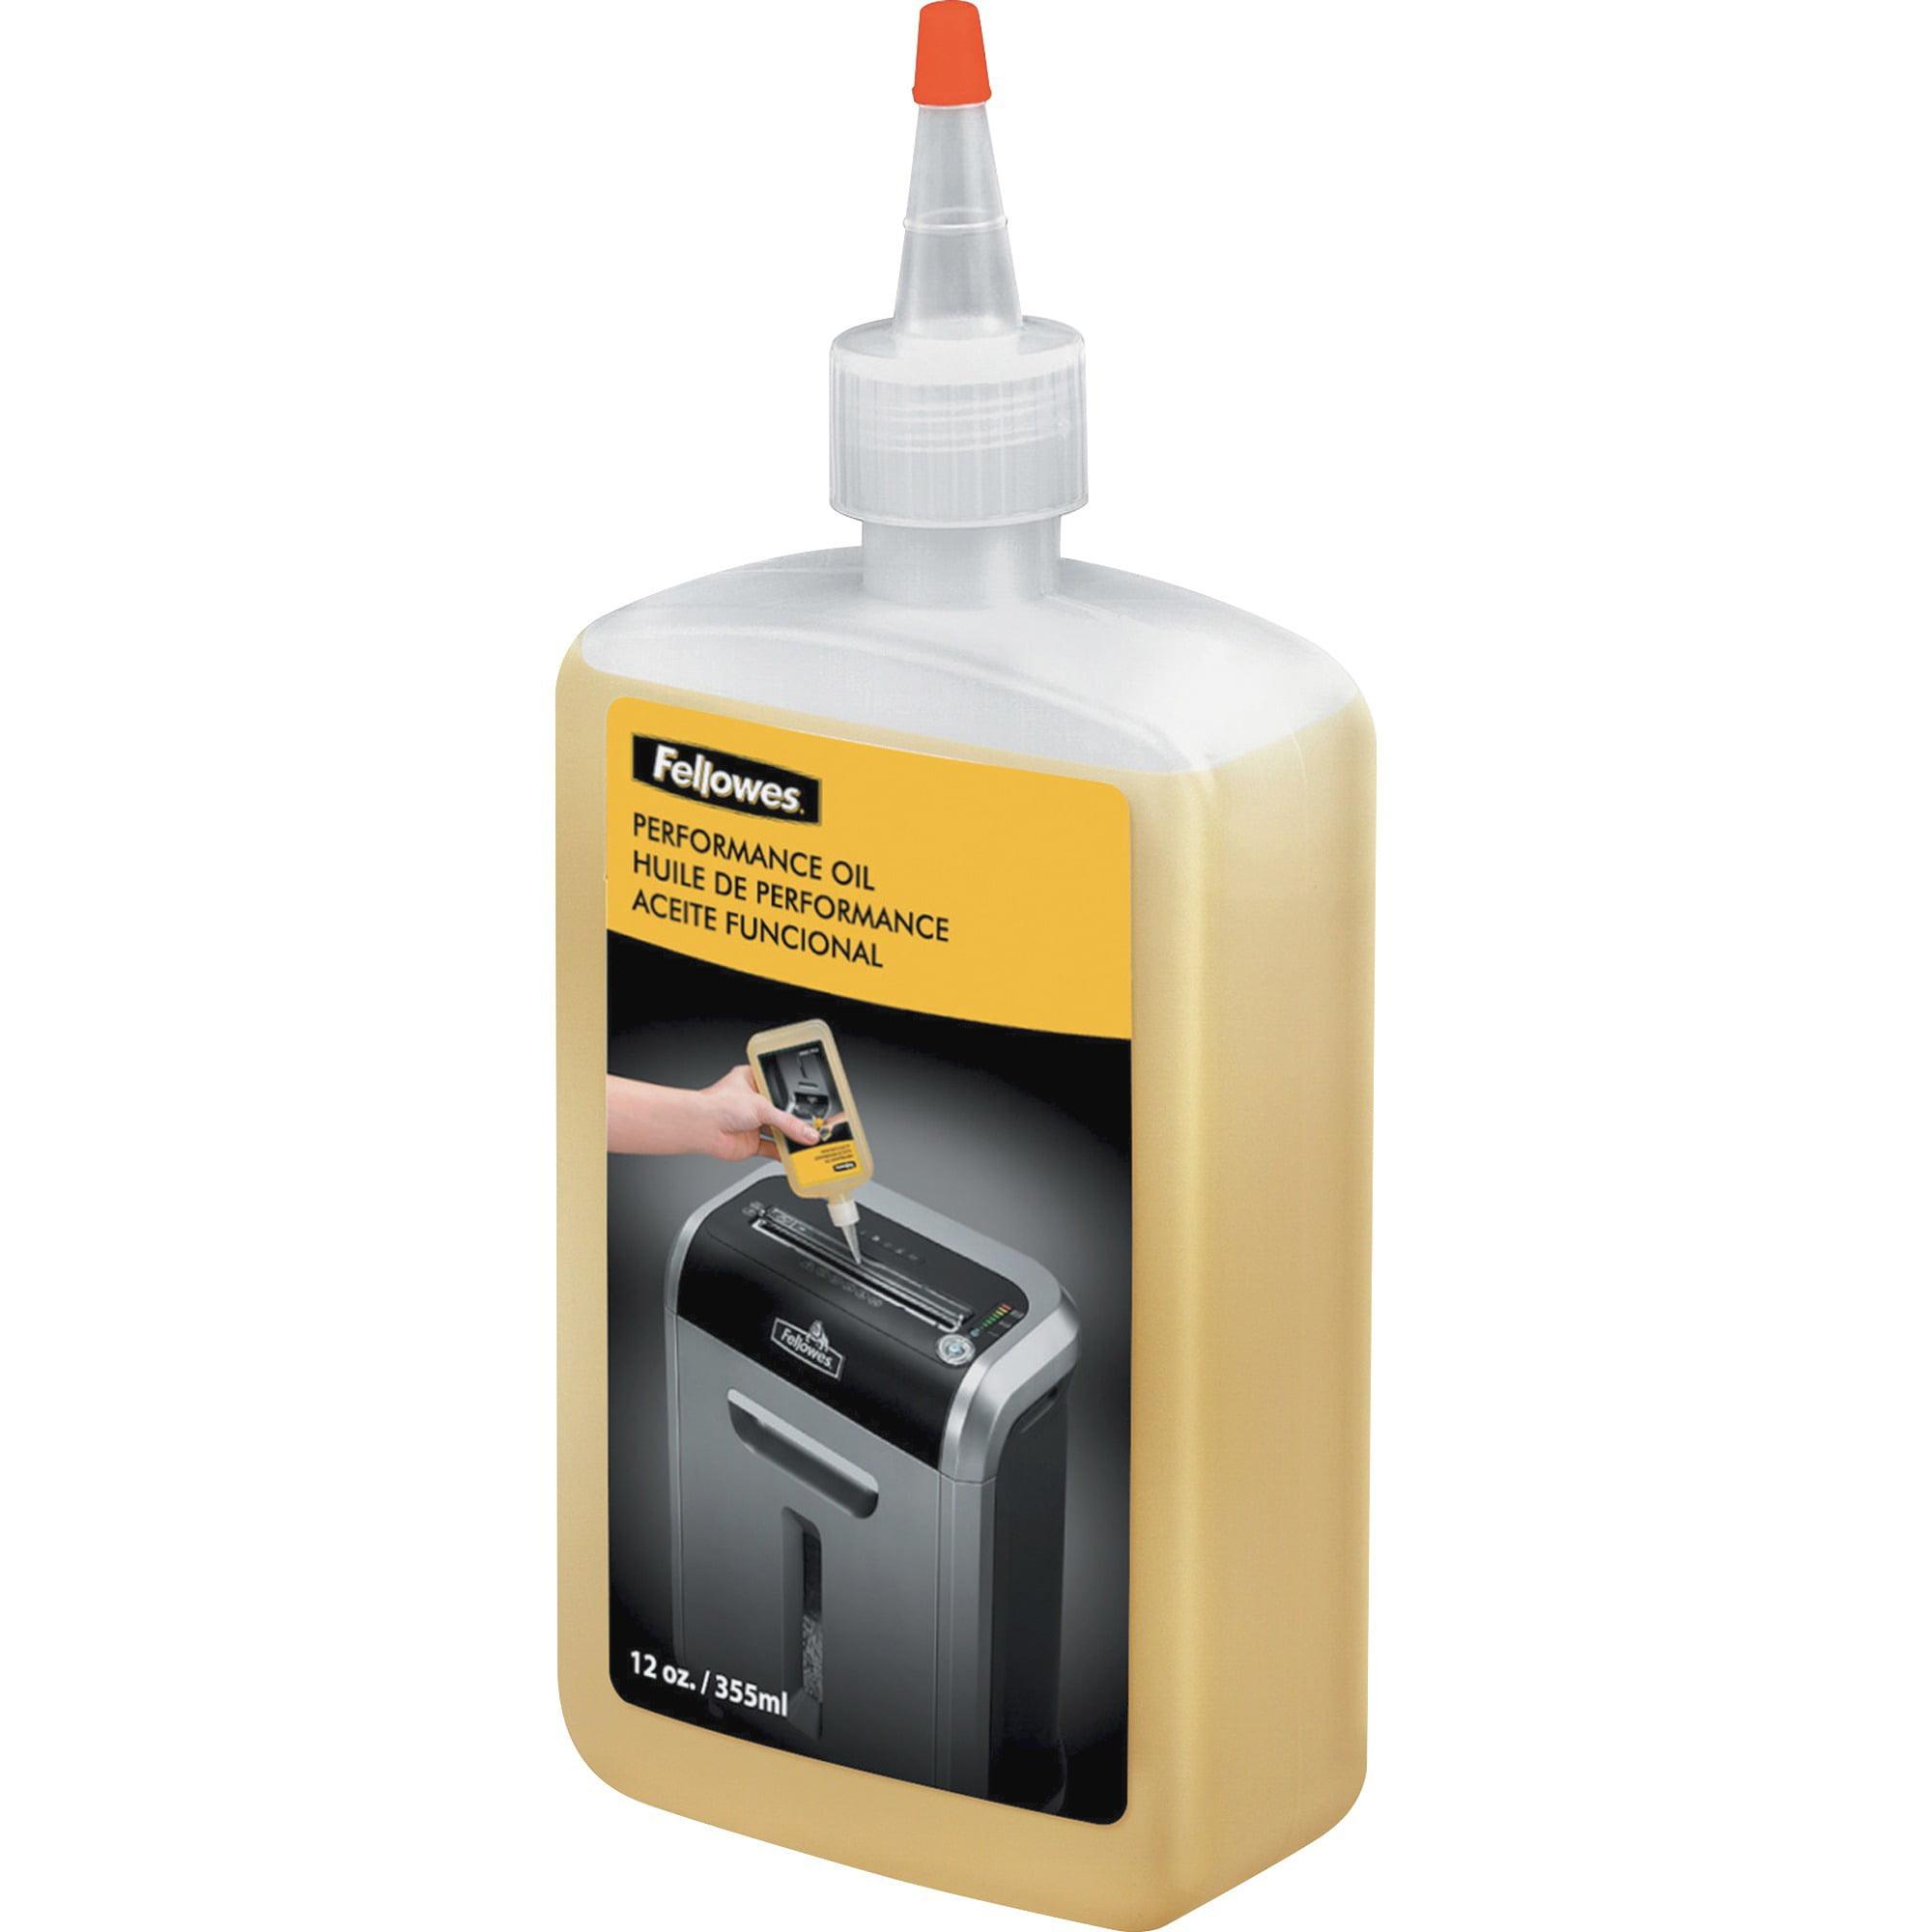 Fellowes Powershred Shredder Oil - 12 Oz. Bottle, 1 Each, Light Amber